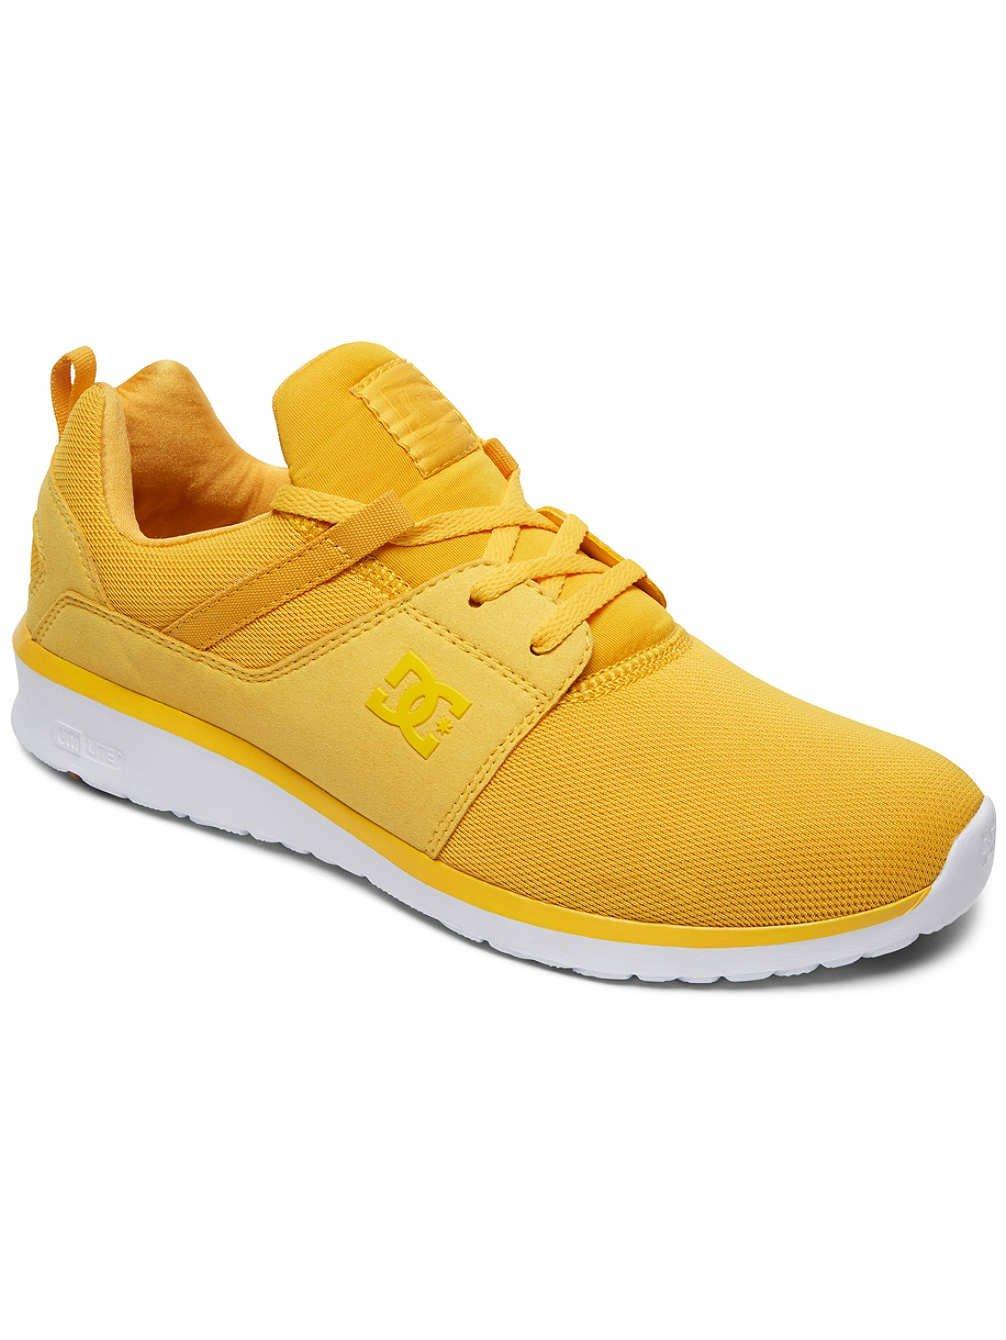 DC Heathrow - Zapatillas Hombre 10|Ywg-amarillo Venta de calzado deportivo de moda en línea